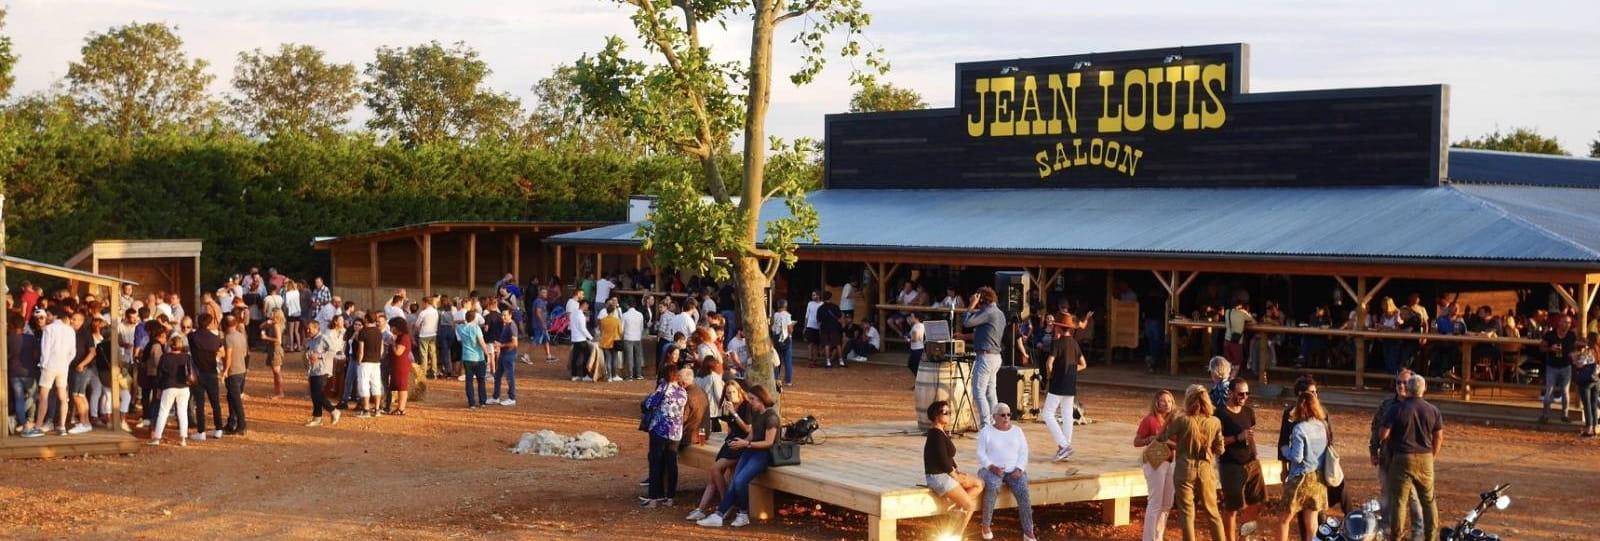 Le restaurant du Saloon de Jean Louis